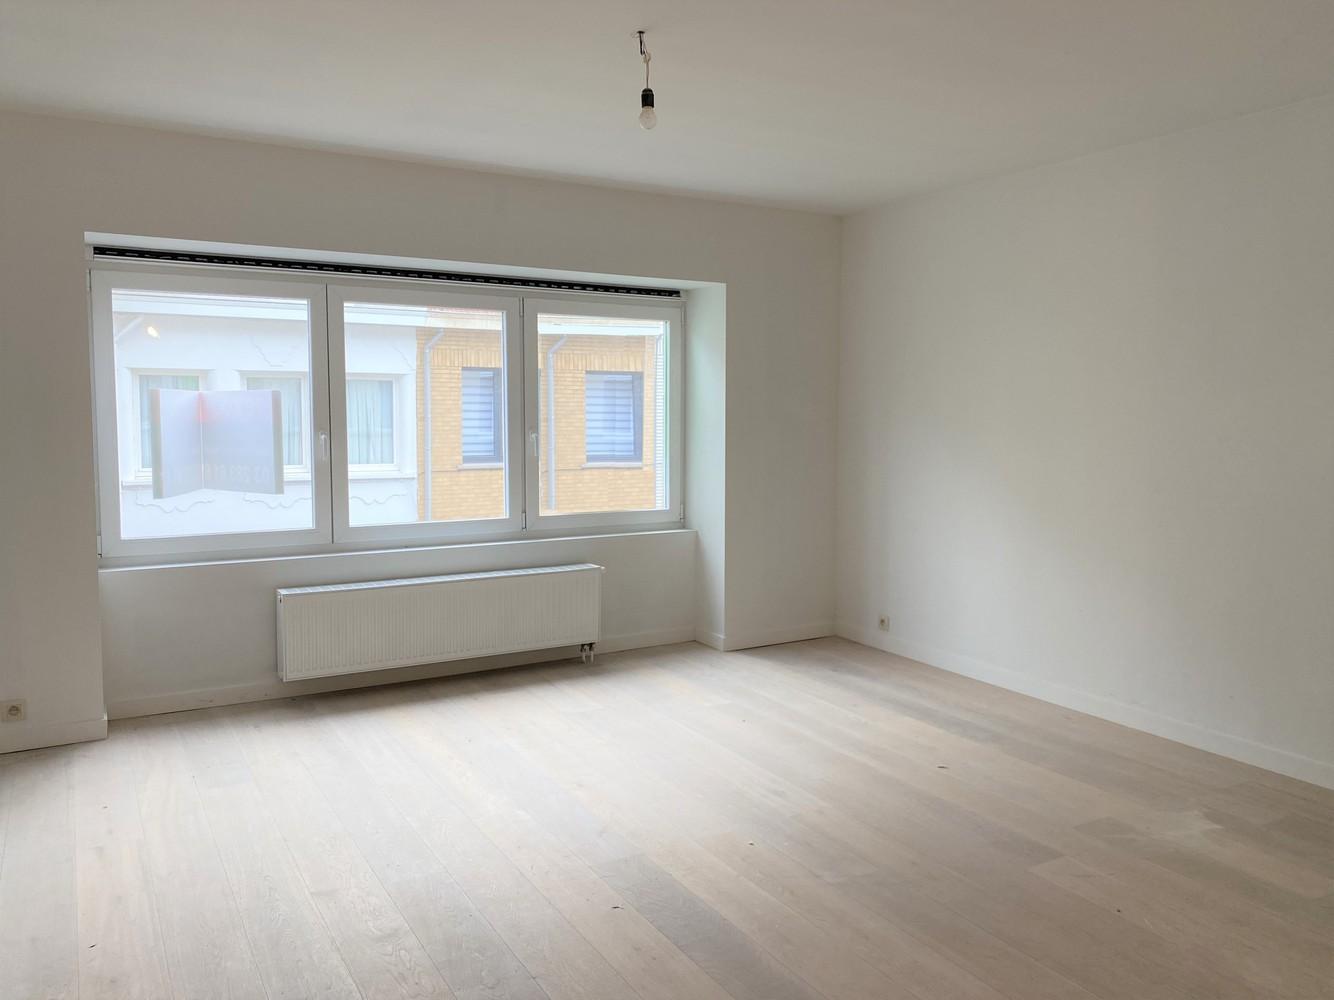 Volledig gerenoveerd appartement met 2 slk op centrale locatie in Borgerhout afbeelding 2